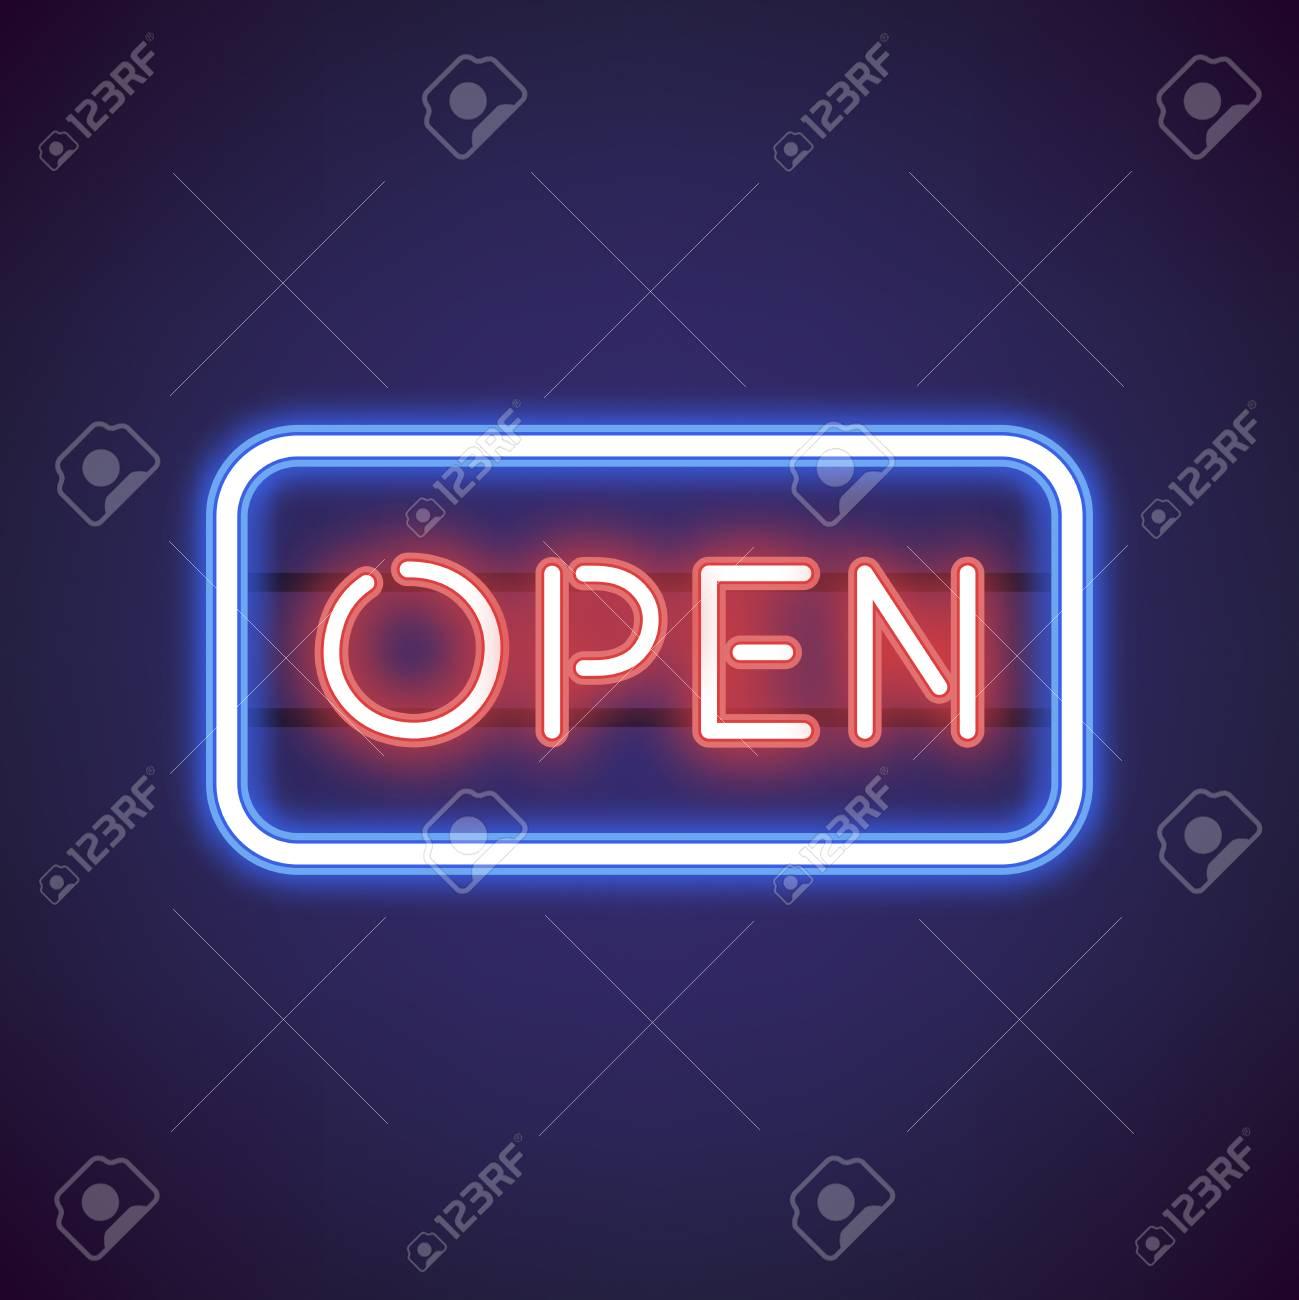 Red open neon sign vector - 125970923